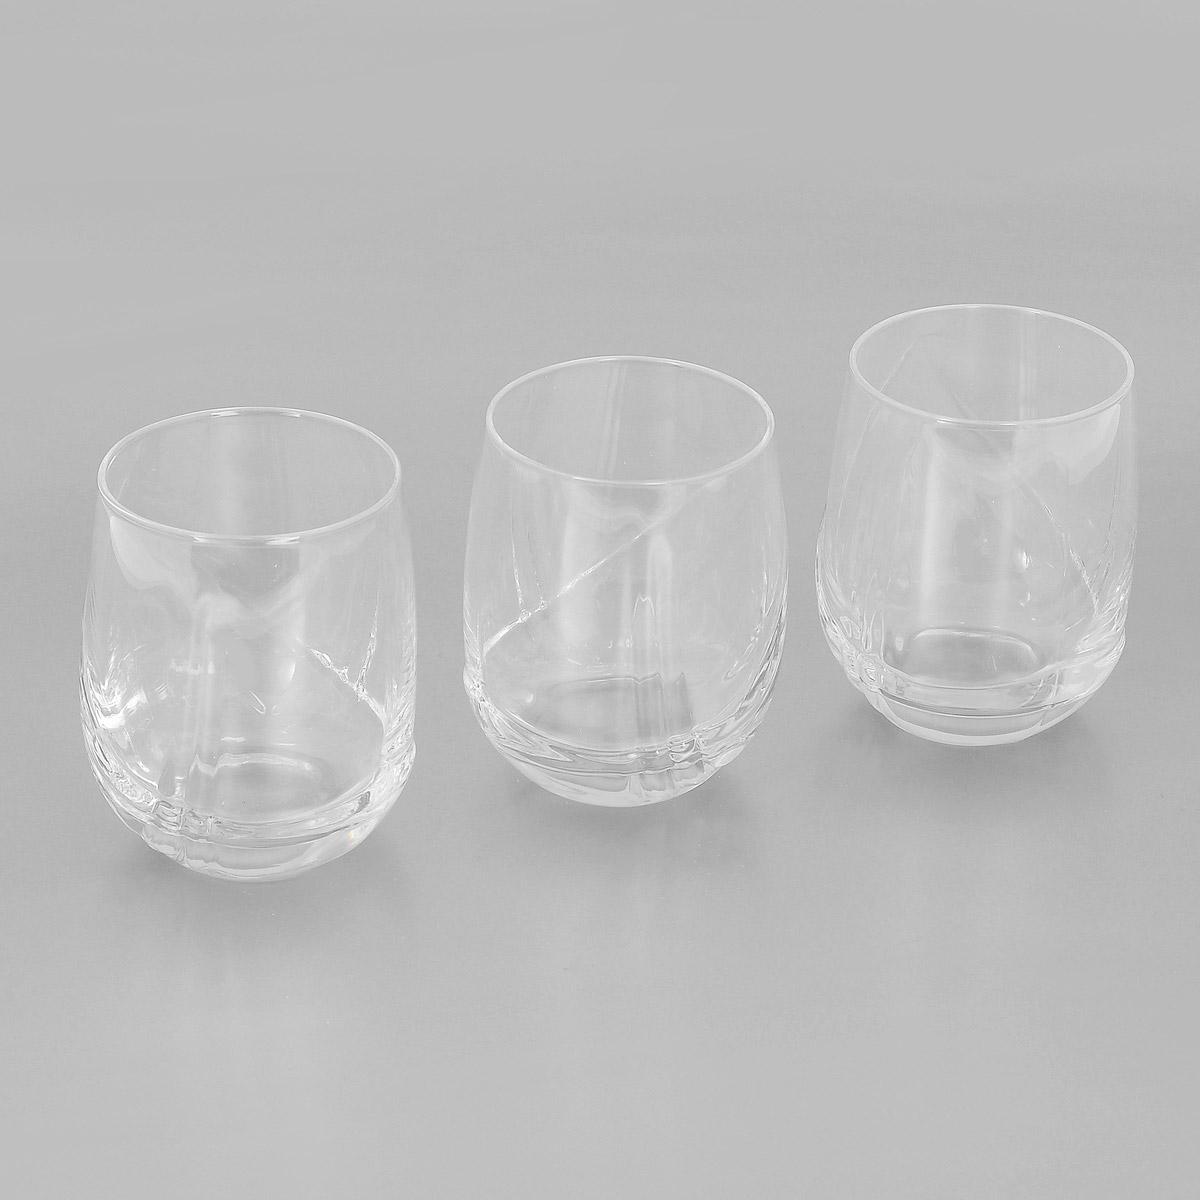 Набор стаканов Bormioli Rocco Rolly, 300 мл, 3 шт323329Q03021990Набор Bormioli Rocco Rolly, выполненный из стекла, состоит из 3 низких стаканов. Стаканы предназначены для подачи холодных напитков. С внешней стороны поверхность стаканов рельефная, что создает эффект игры света и преломления. Благодаря такому набору пить напитки будет еще вкуснее. Стаканы Bormioli Rocco Rolly станут идеальным украшением праздничного стола и отличным подарком к любому празднику. С 1825 года компания Bormioli Rocco производит высококачественную посуду из стекла. На сегодняшний день это мировой лидер на рынке производства стеклянных изделий. Ассортимент, предлагаемый Bormioli Rocco необычайно широк - это бокалы, фужеры, рюмки, графины, кувшины, банки для сыпучих продуктов и консервирования, тарелки, салатники, чашки, контейнеры различных емкостей, предназначенные для хранения продуктов в холодильниках и морозильных камерах и т.д. Стекло сочетает в себе передовые технологии и традиционно высокое качество.